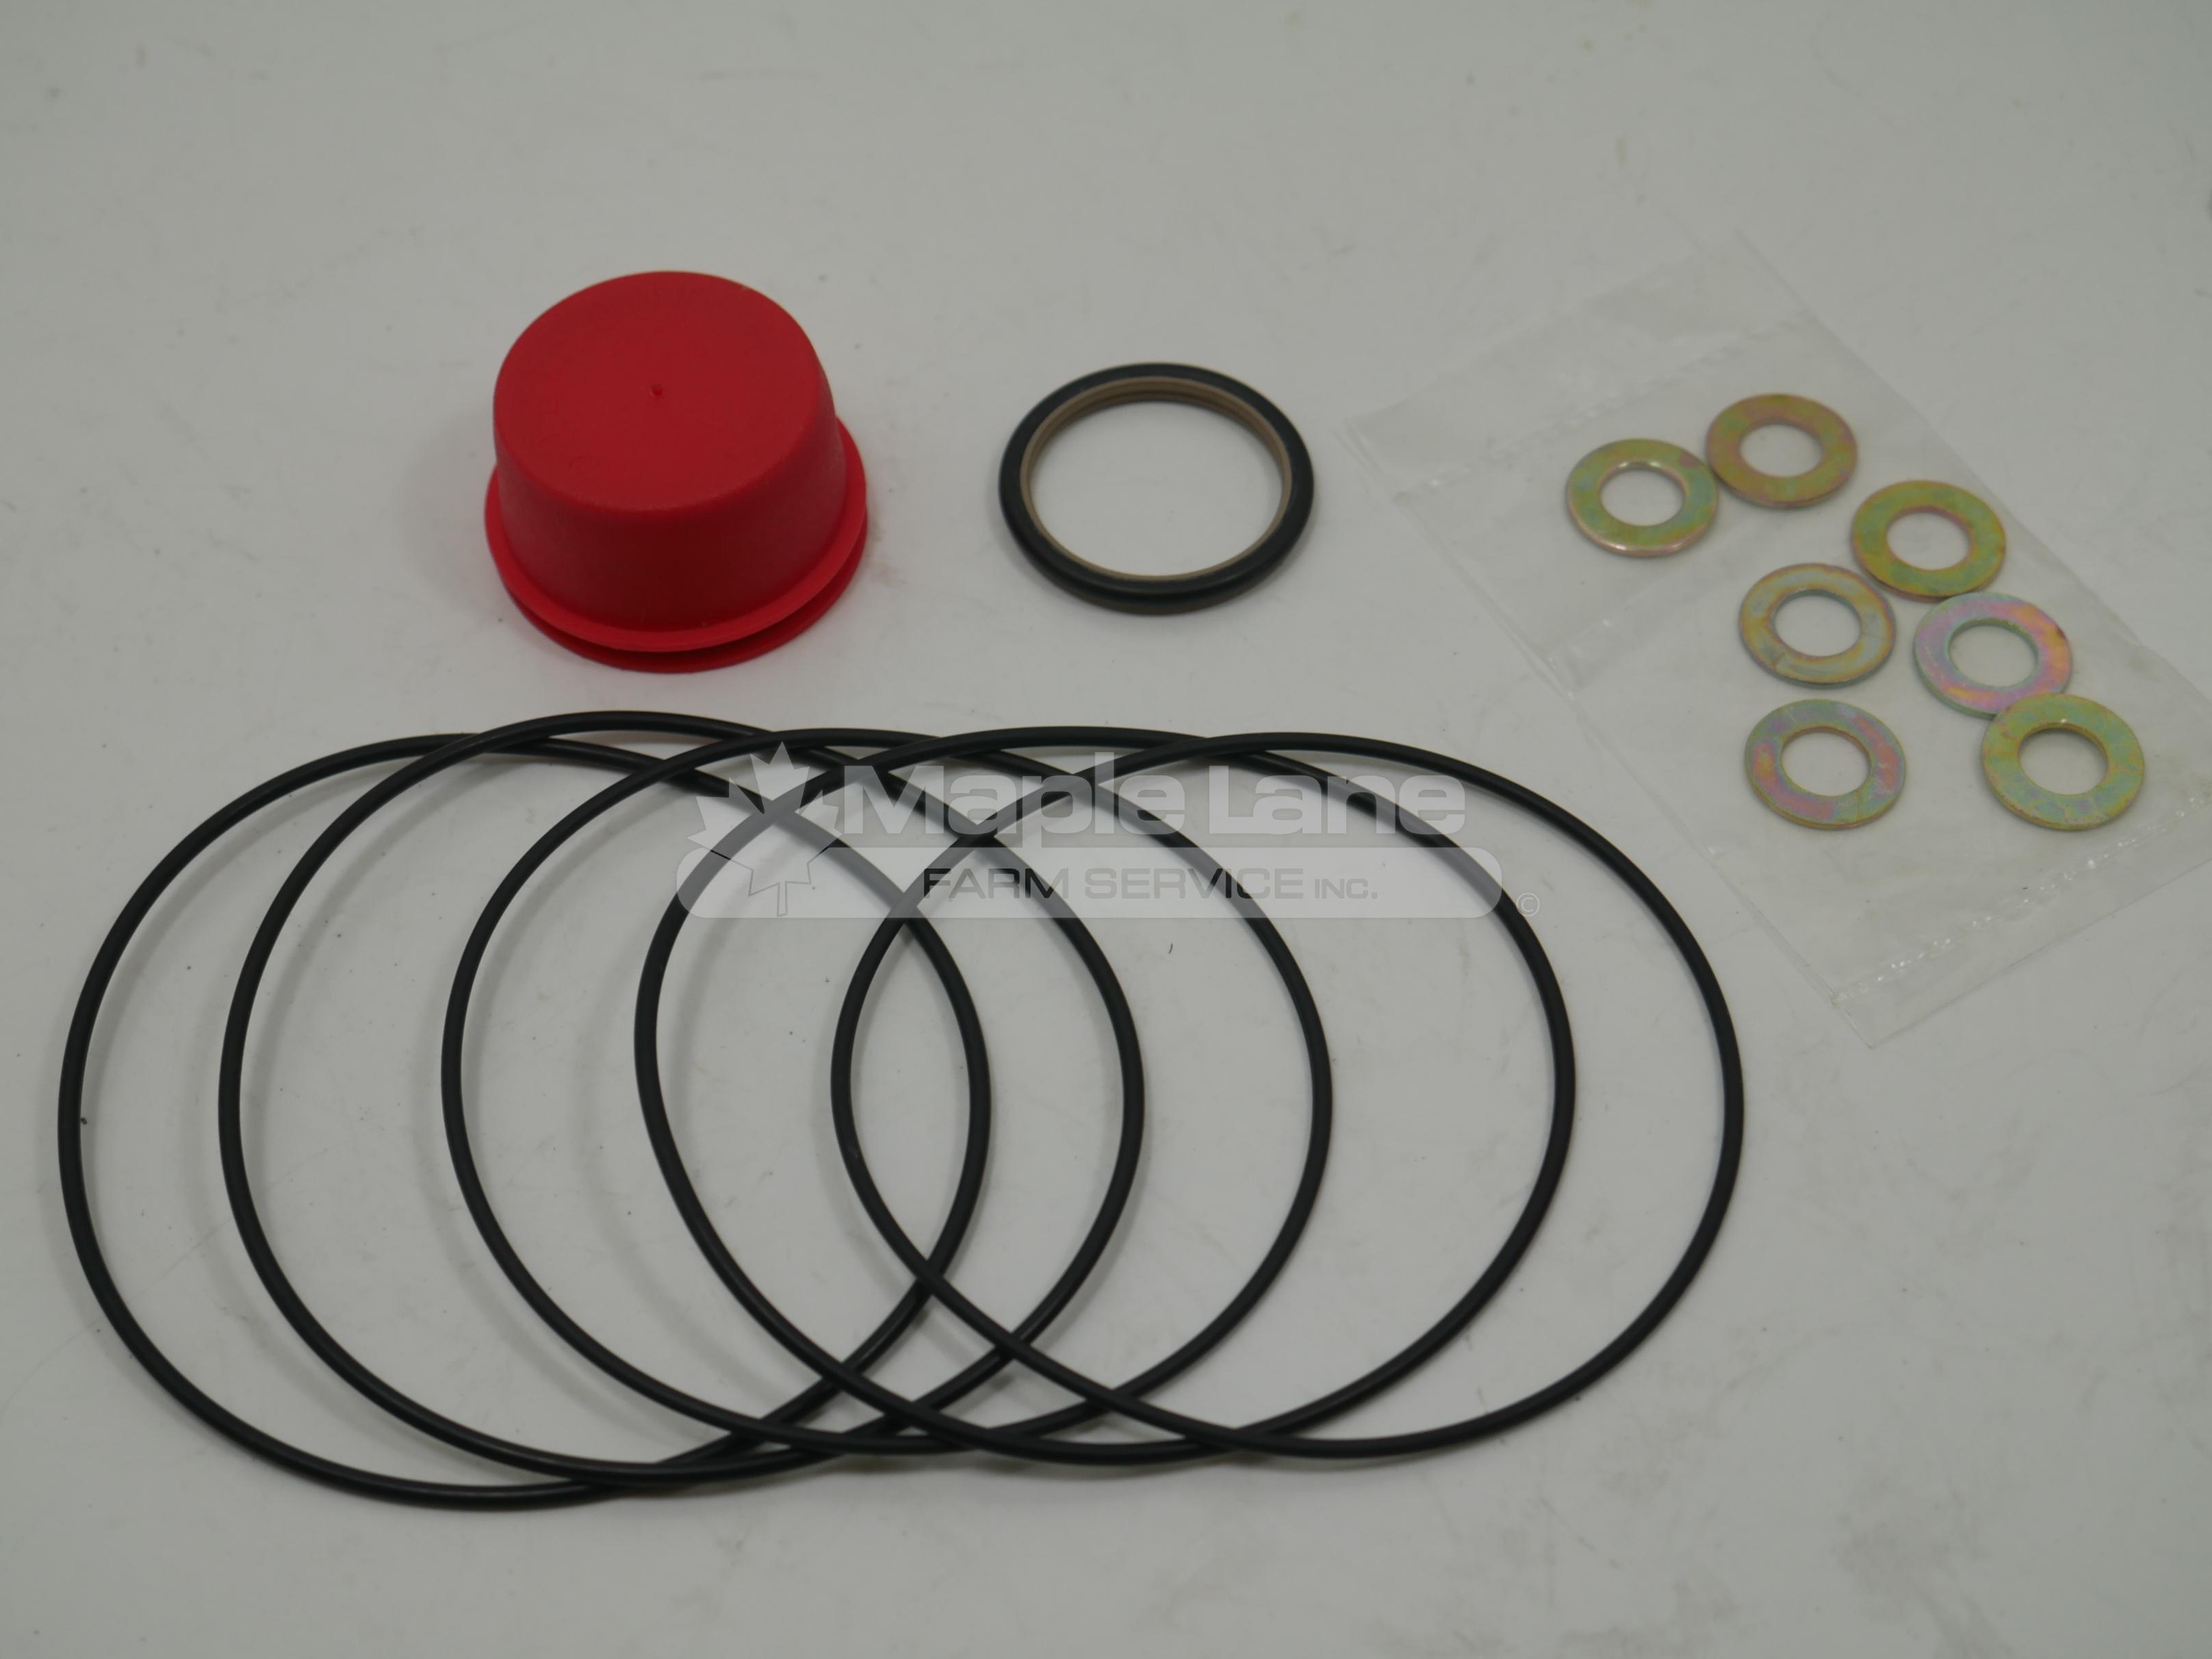 72210434 Seal Ring Kit